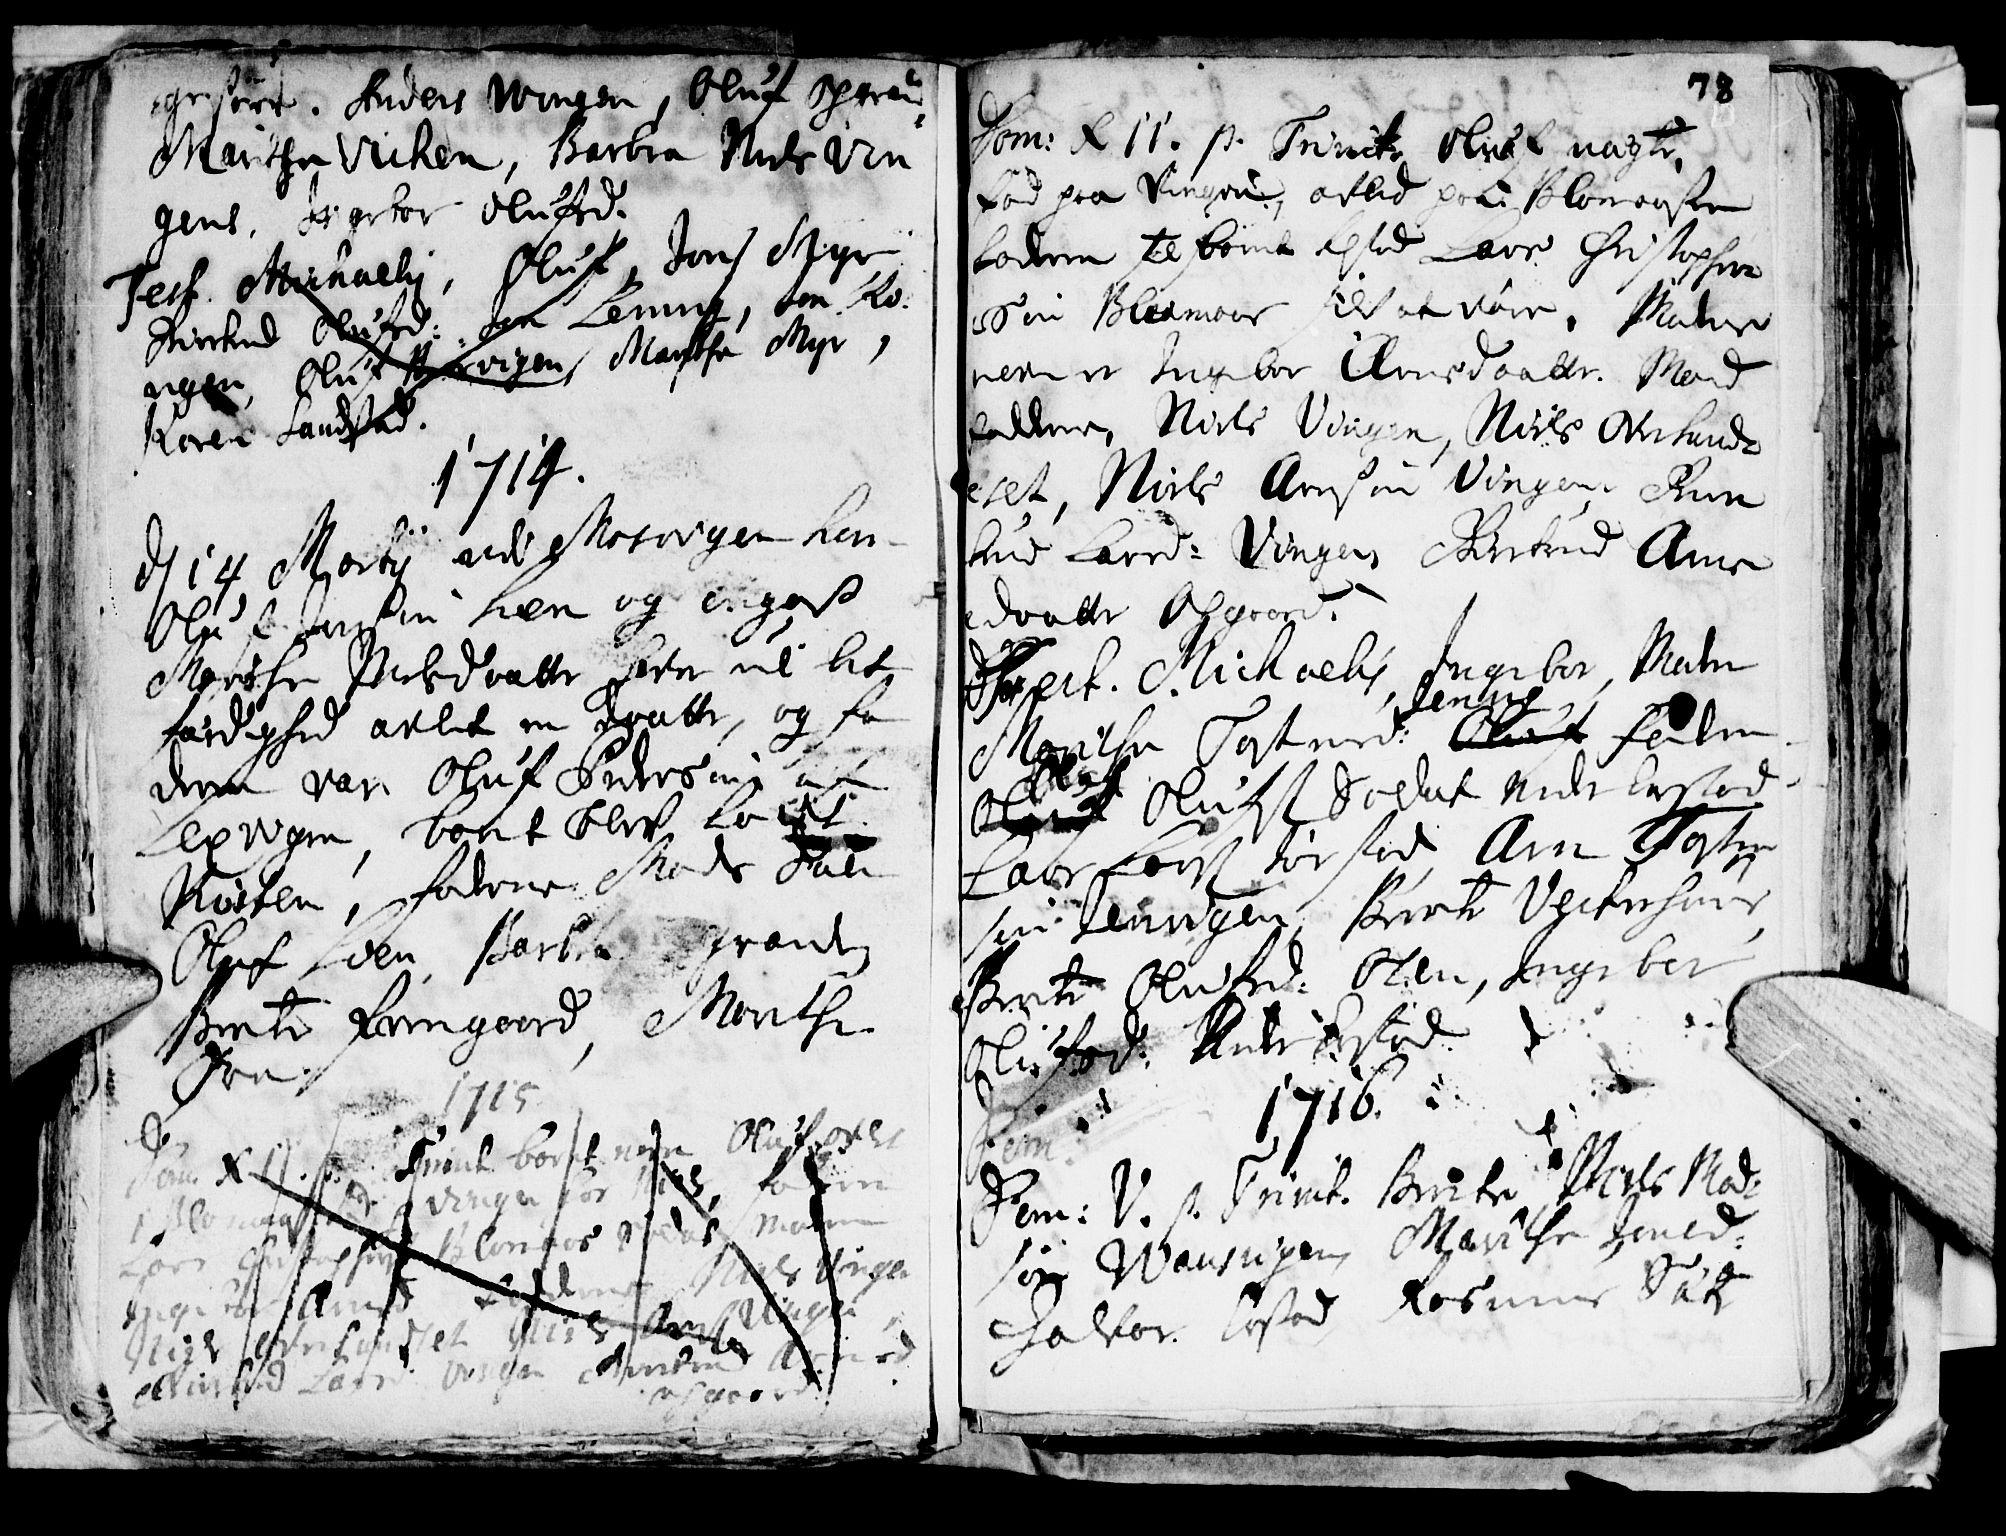 SAT, Ministerialprotokoller, klokkerbøker og fødselsregistre - Nord-Trøndelag, 722/L0214: Ministerialbok nr. 722A01, 1692-1718, s. 78